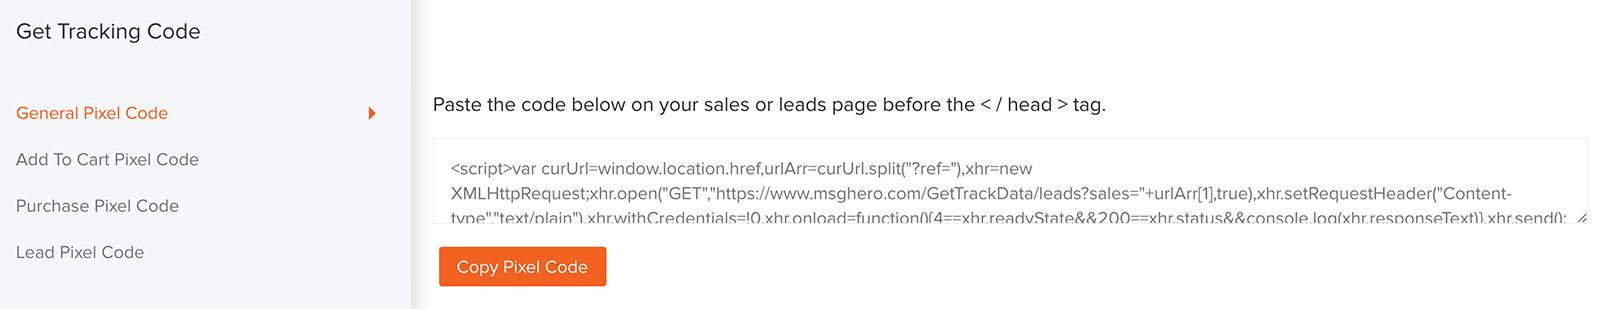 msghero-tracking-code